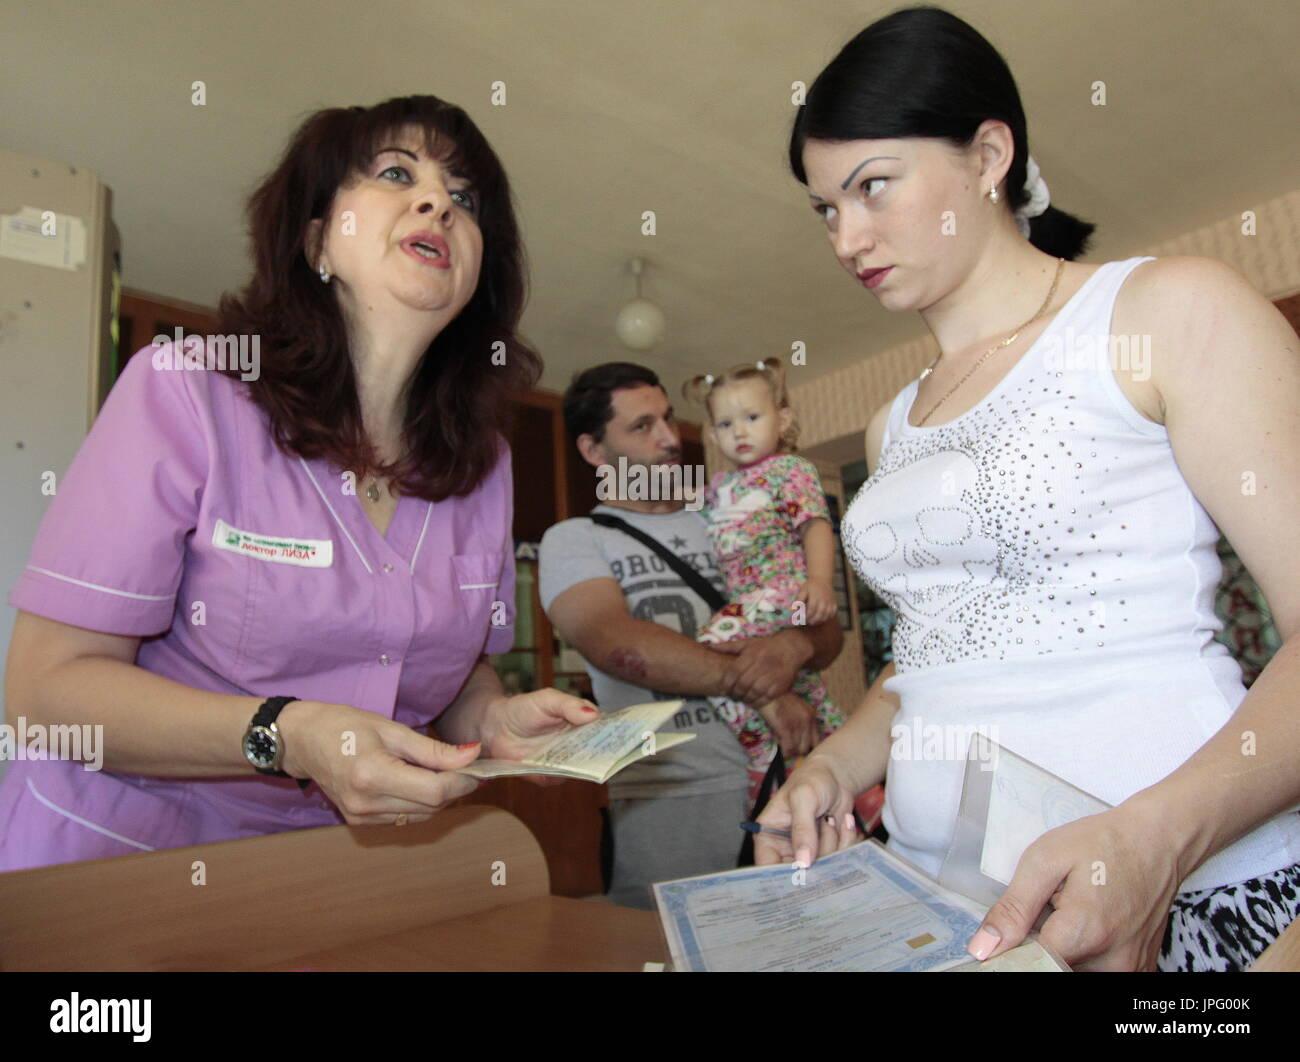 Donetsk, Ukraine. 1er août 2017. Tatyana Svetlichnaya, représentant de l'office de tourisme de Donetsk Spravedlivaya Pomoshch Doktora Lizy, à l'Hôpital clinique des enfants républicaine à Donetsk, une ville de l'Ukraine est contrôlé par la République populaire de Donetsk; sept enfants en difficulté sont envoyés pour traitement à la Russie par Spravedlivaya Pomoshch Doktora Lizy, une organisation caritative internationale. Credit: Valentin/Sprinchak TASS/Alamy Live News Banque D'Images